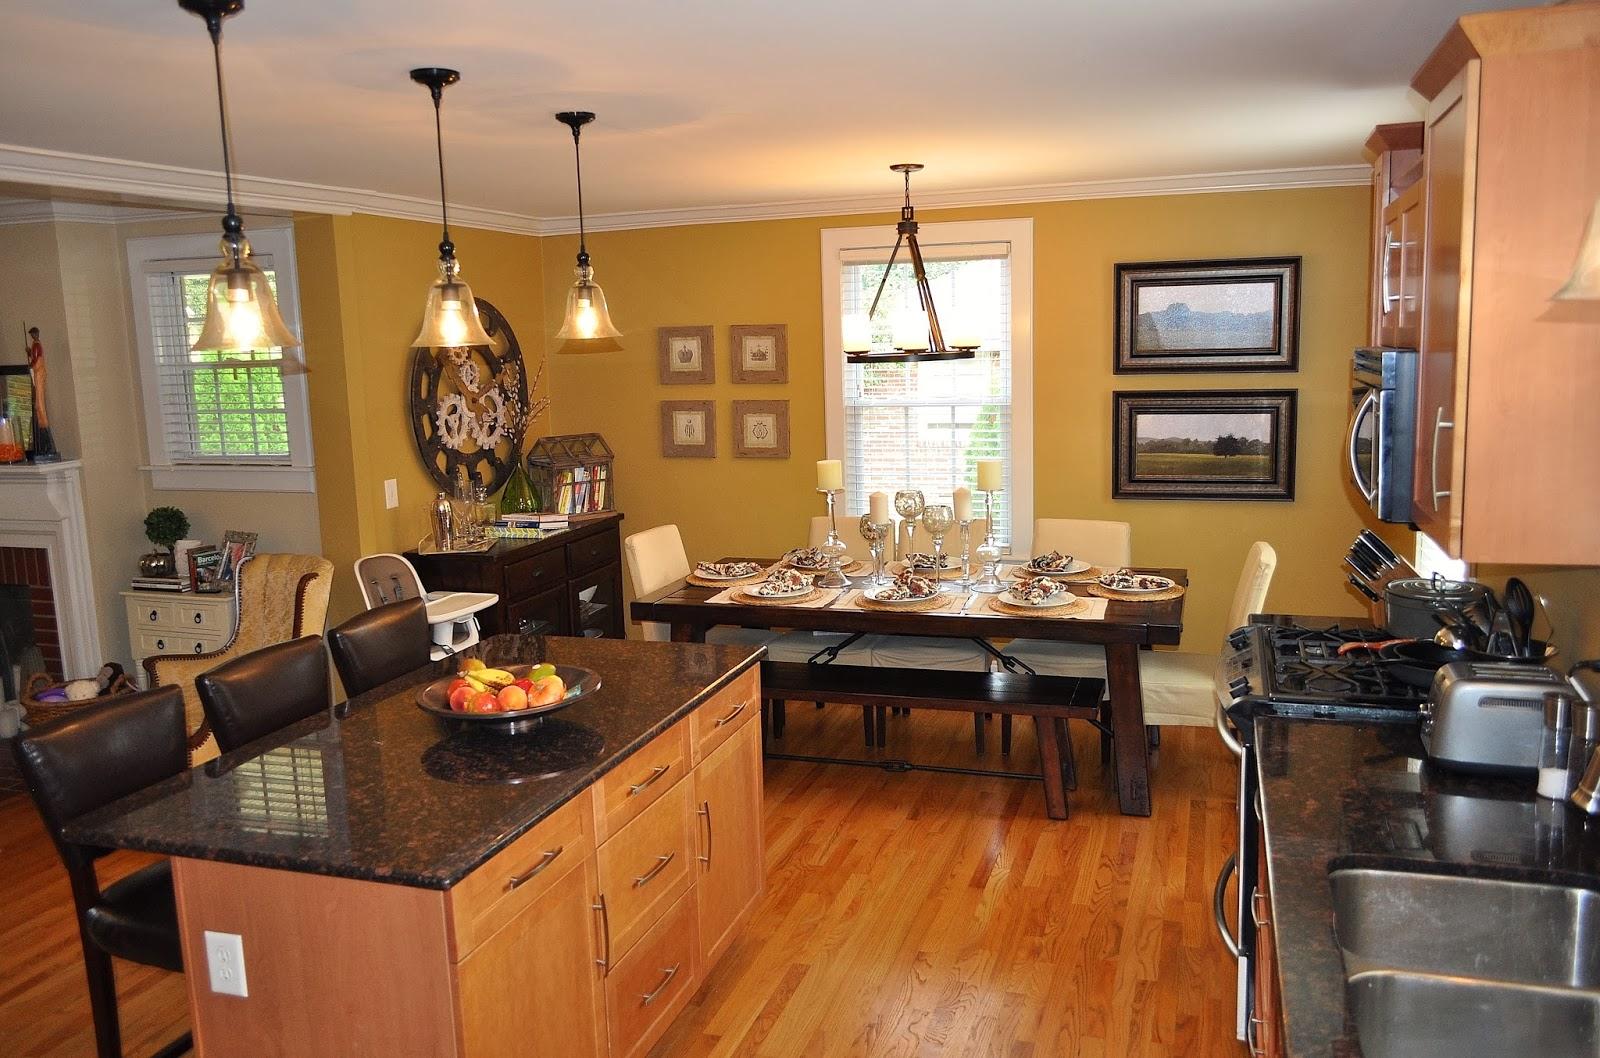 køkken-remodel-møbler-interiør-udsmykning-stue-dekoration-fantastisk-moderne-køkken-med-sort-granit-borde-og-rustfrit køkken-apparater-også-bare-spisebord-til-åbne gulv-plan-ki